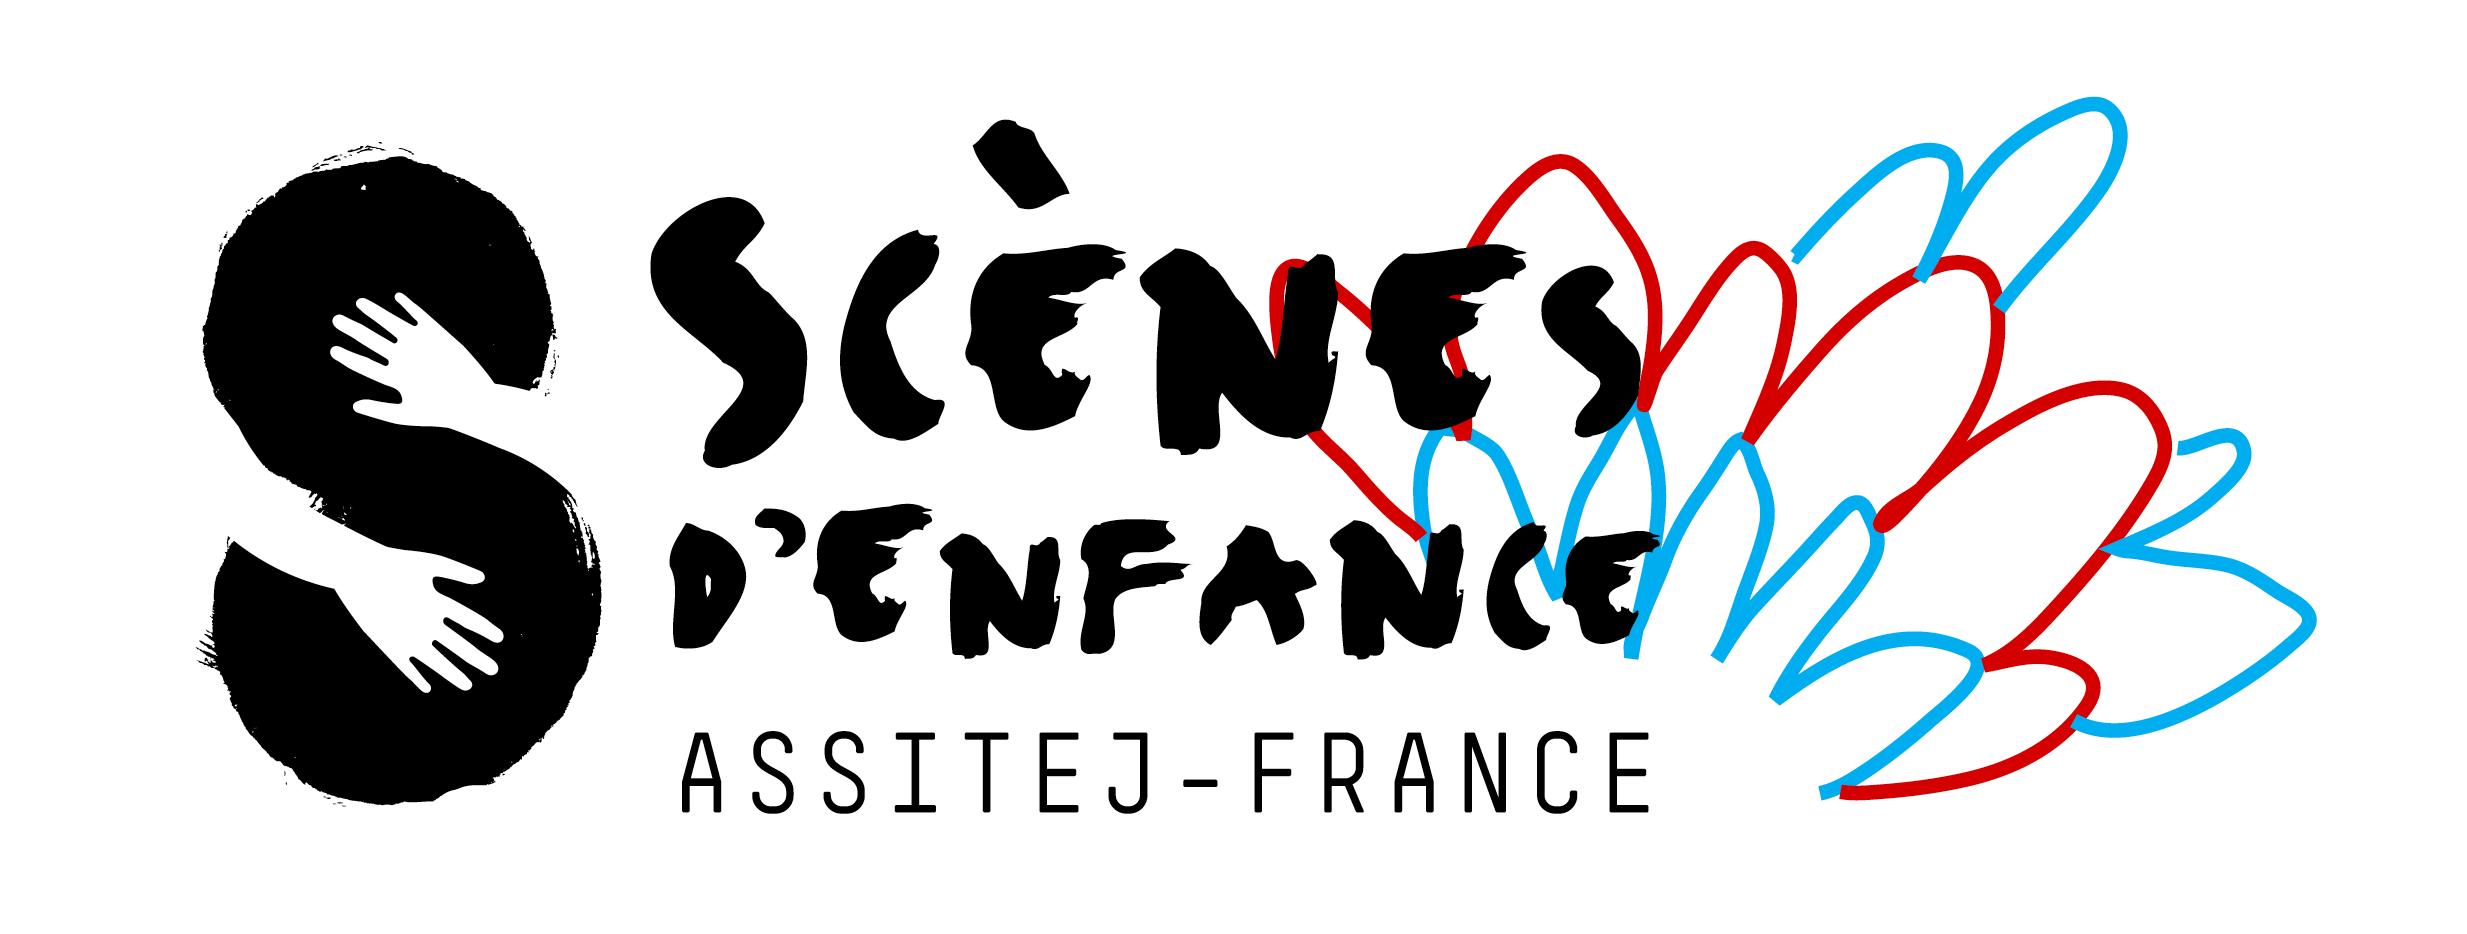 Scènes d'enfance - ASSITEJ France